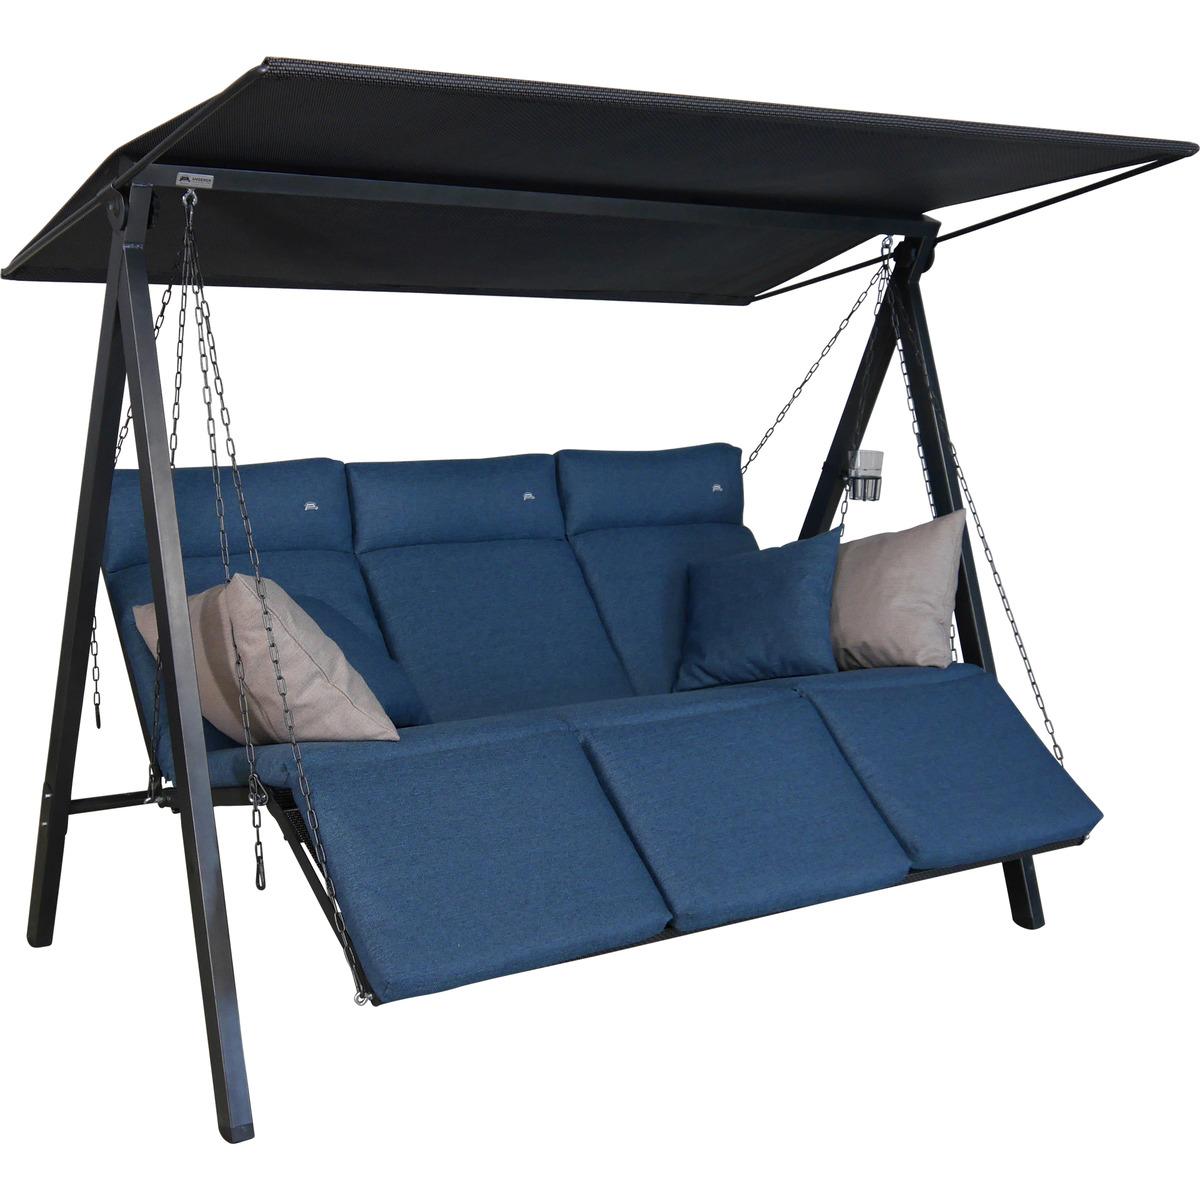 Bild 2 von Angerer Freizeitmöbel Hollywoodschaukel 'Lounge Smart' 3-Sitzer denim